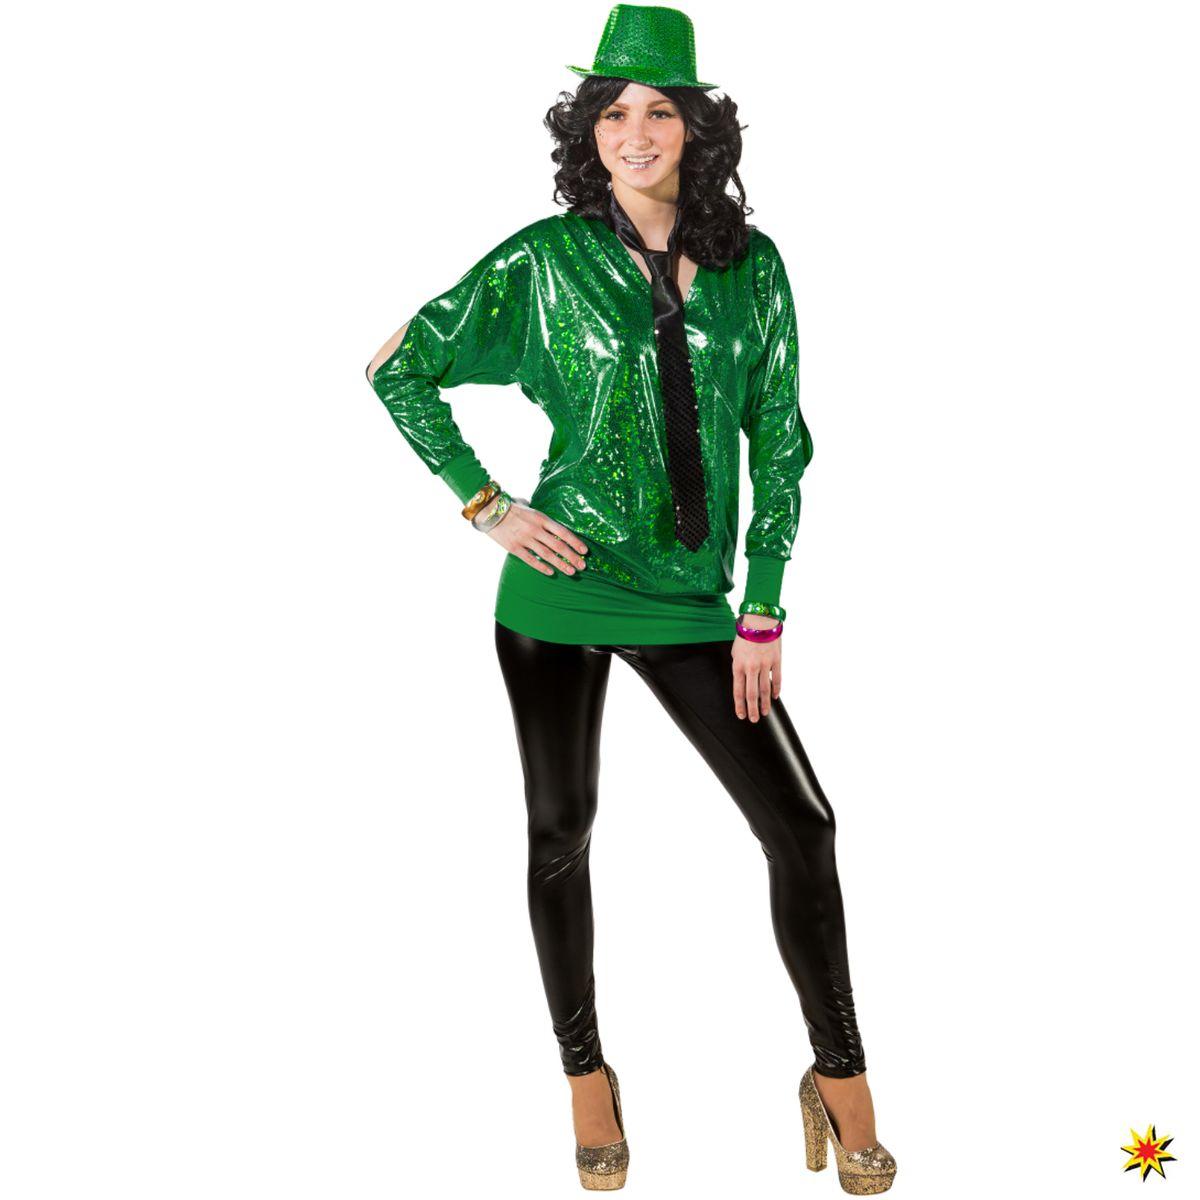 Damen Kostüm 90er Wickelshirt grün 80er 90er Retro Mottoparty Fasching Karneval